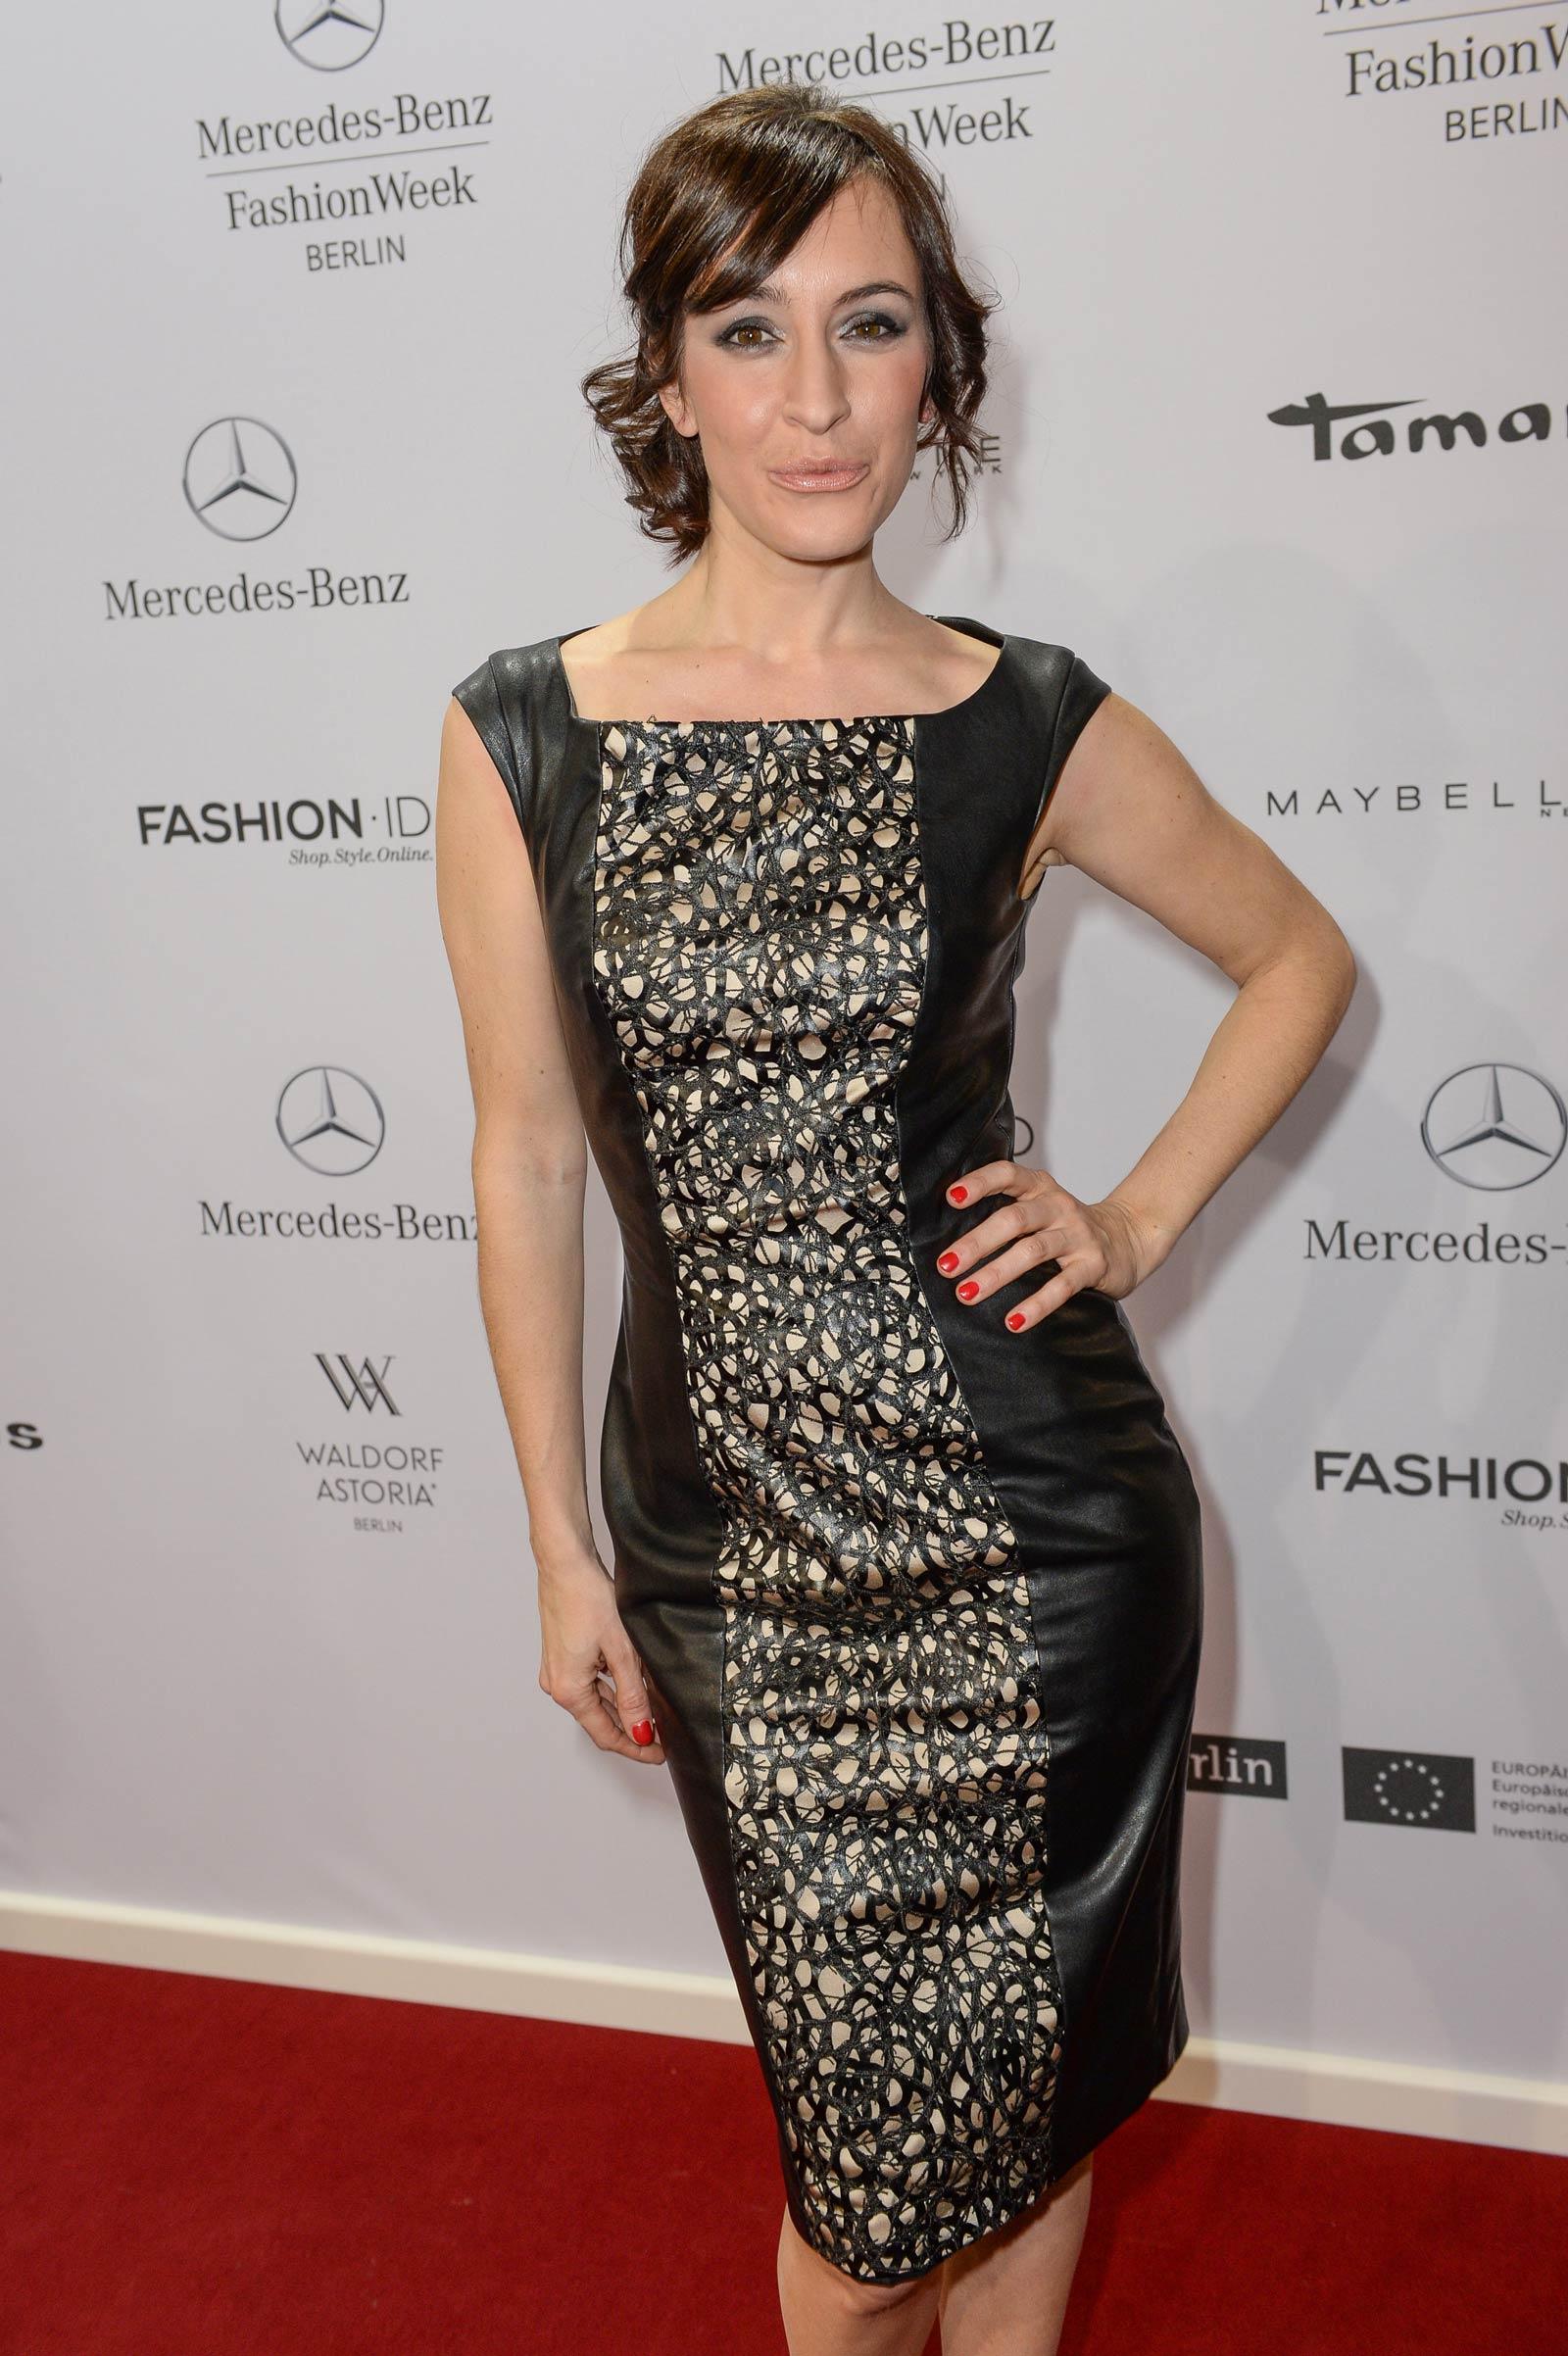 Maike von Bremen attends Merceses Benz Fashion Week ... Rosie Huntington Whiteley Lips